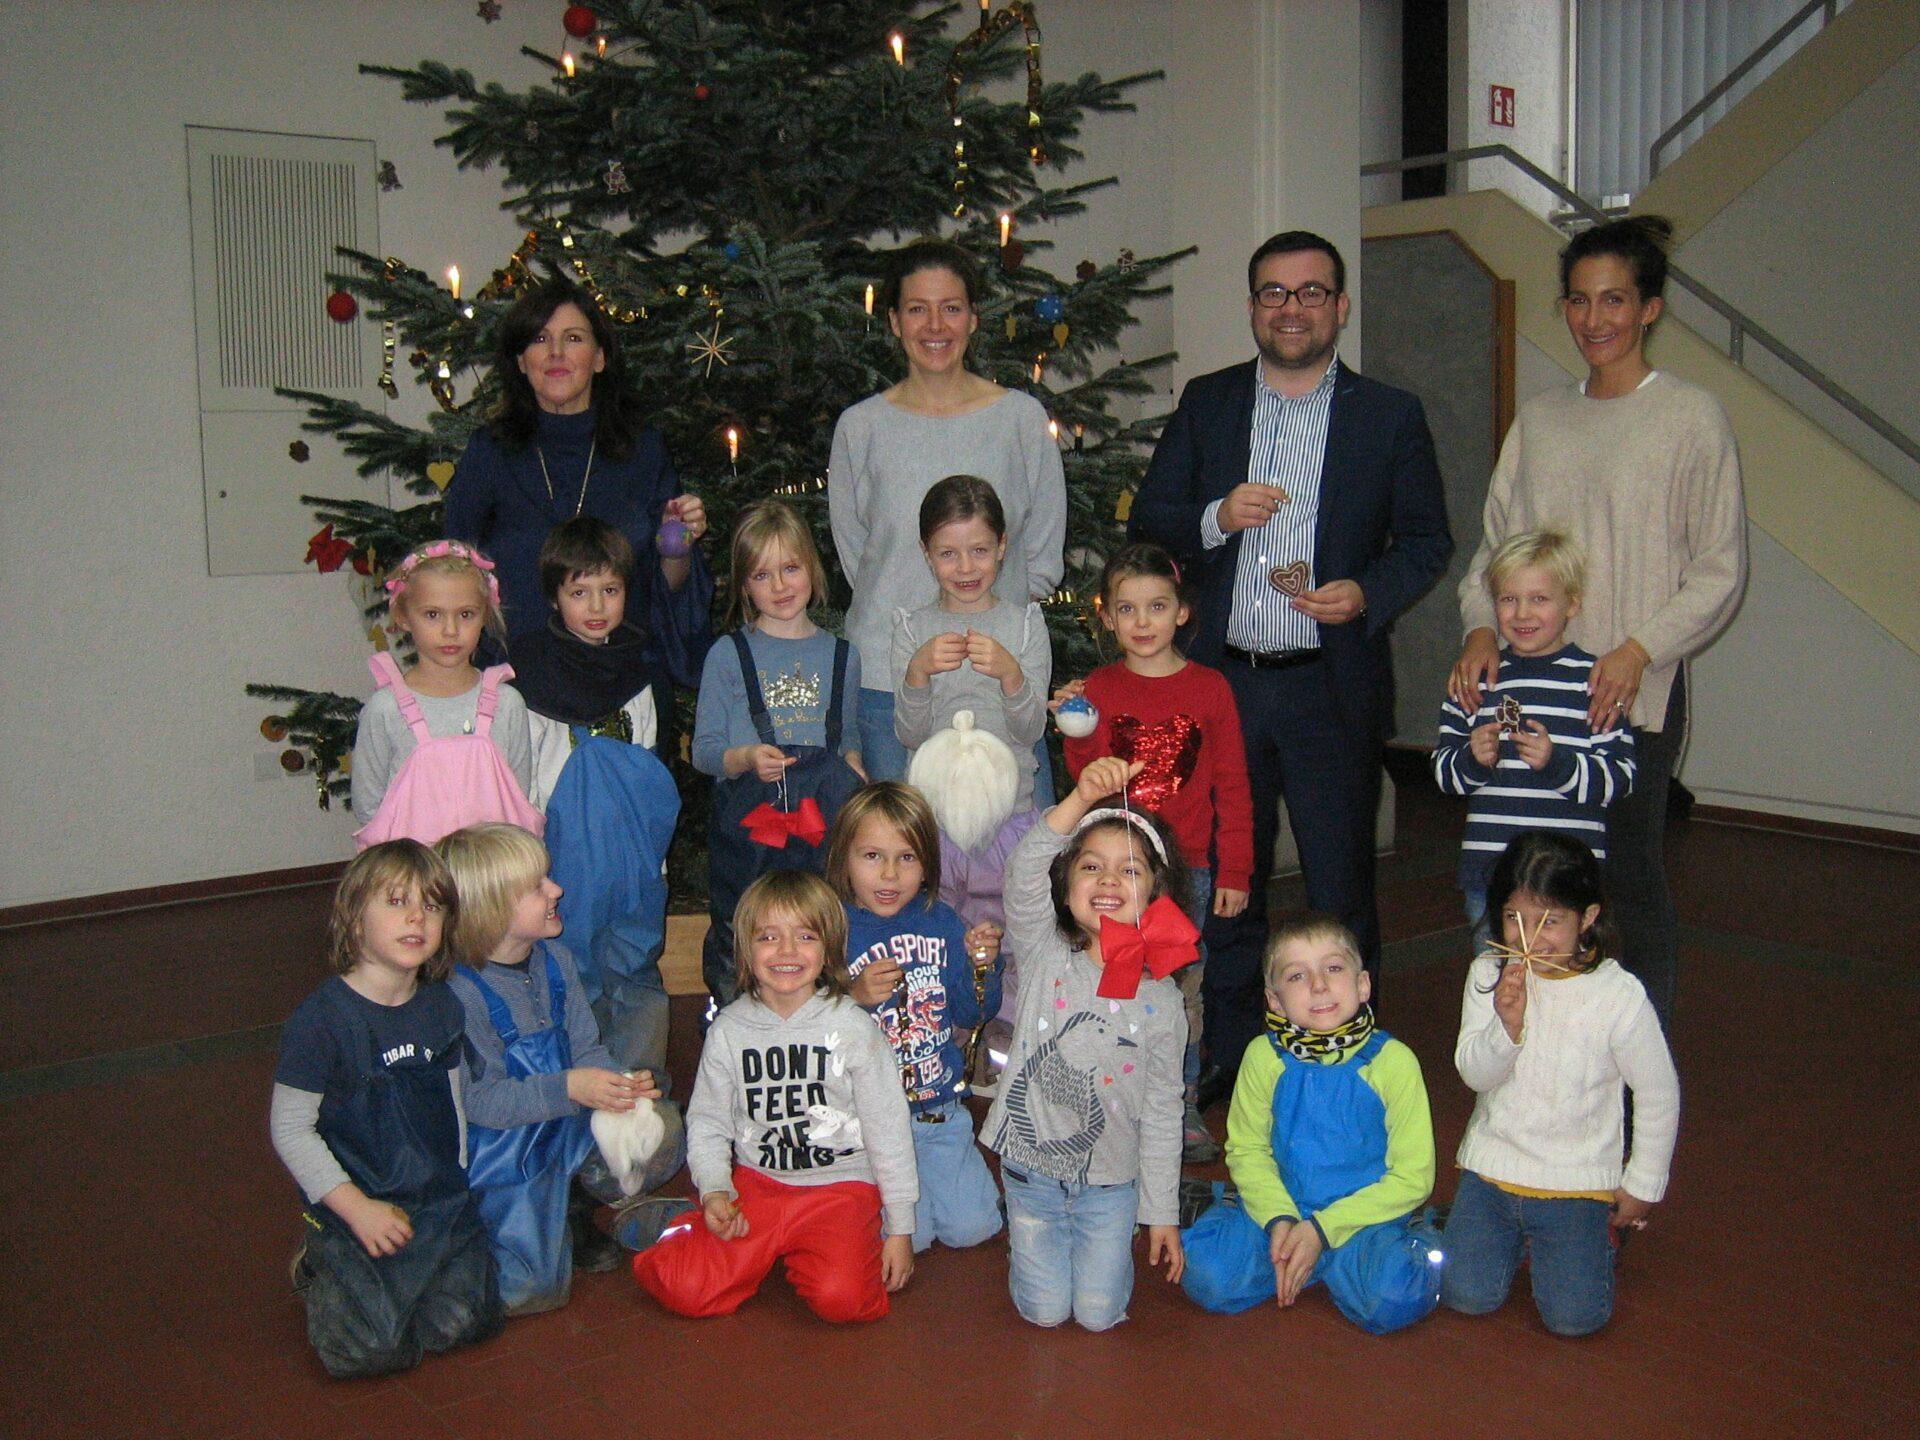 Waldorfkindergarten schmückt Baum im Rathaus